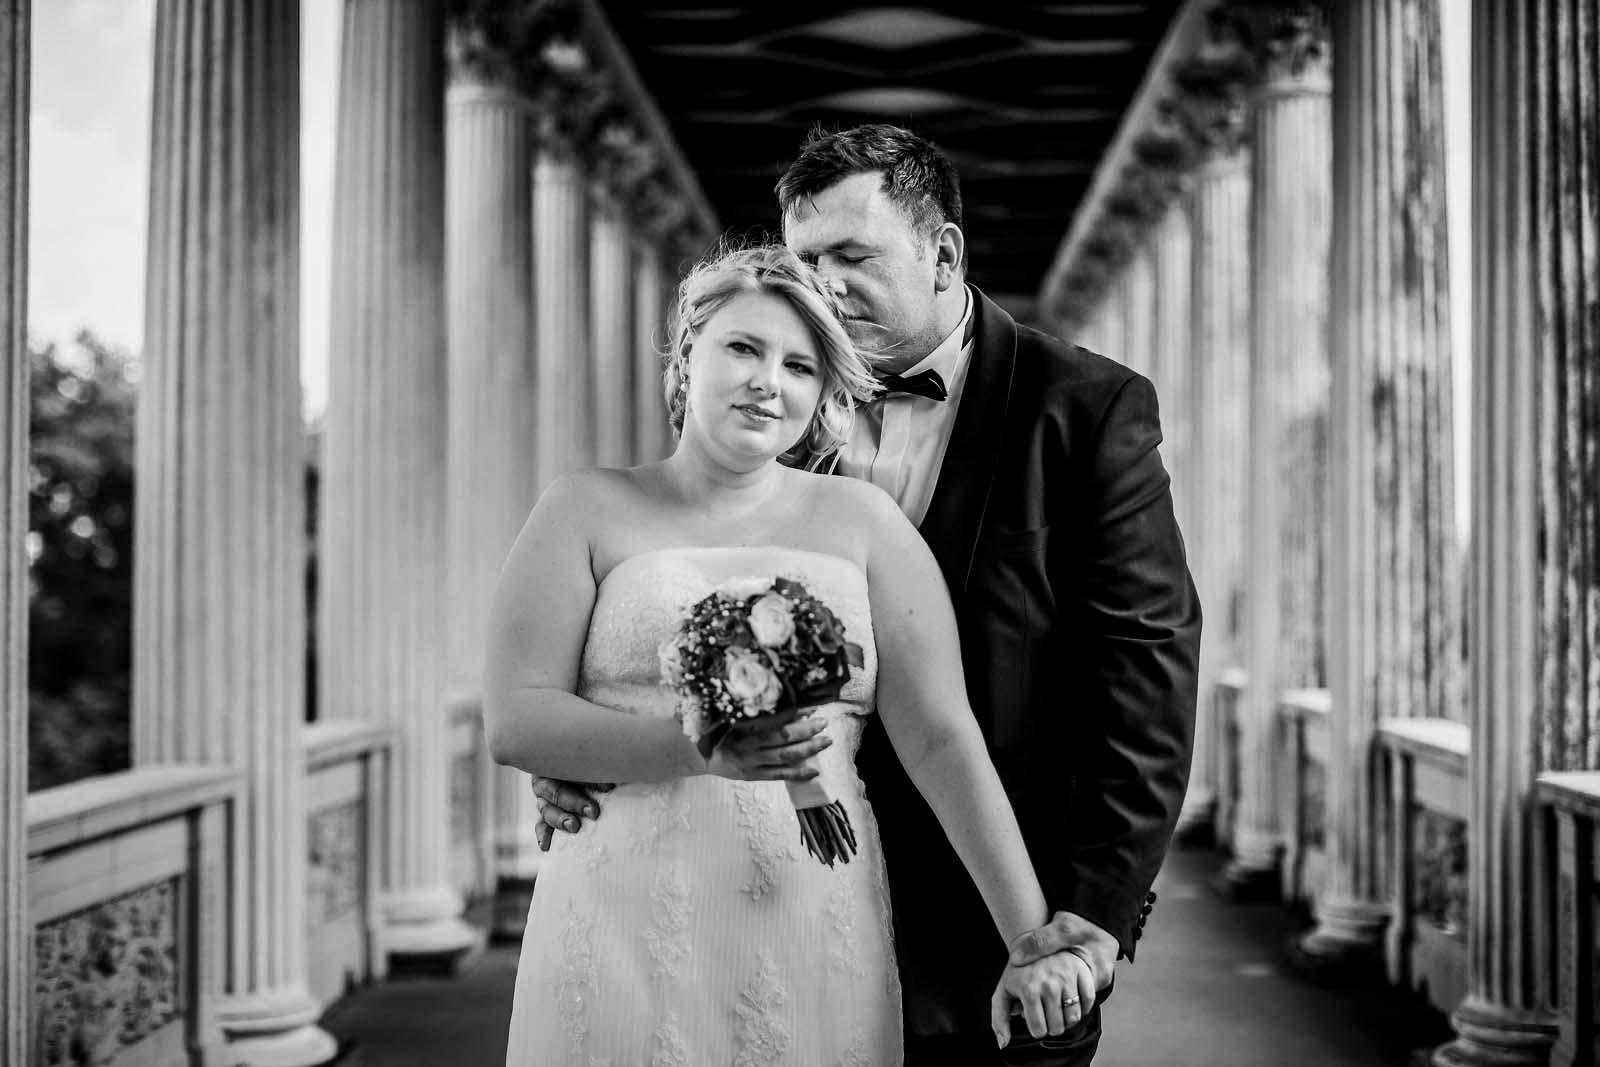 Brautpaar beim Fotoshooting auf dem Belvedere Hochzeitsfotograf Potsdam Copyright by Hochzeitsfotograf www.berliner-hochzeitsfotografie.de